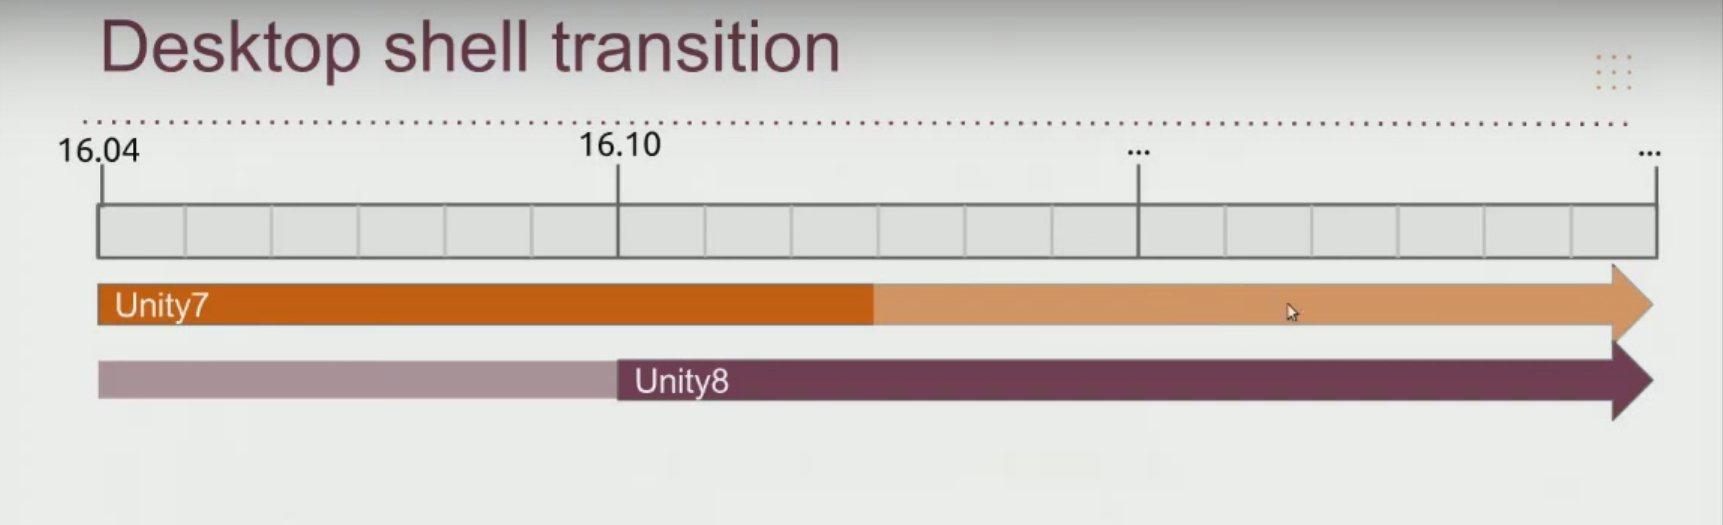 Ablösung von Unity 7